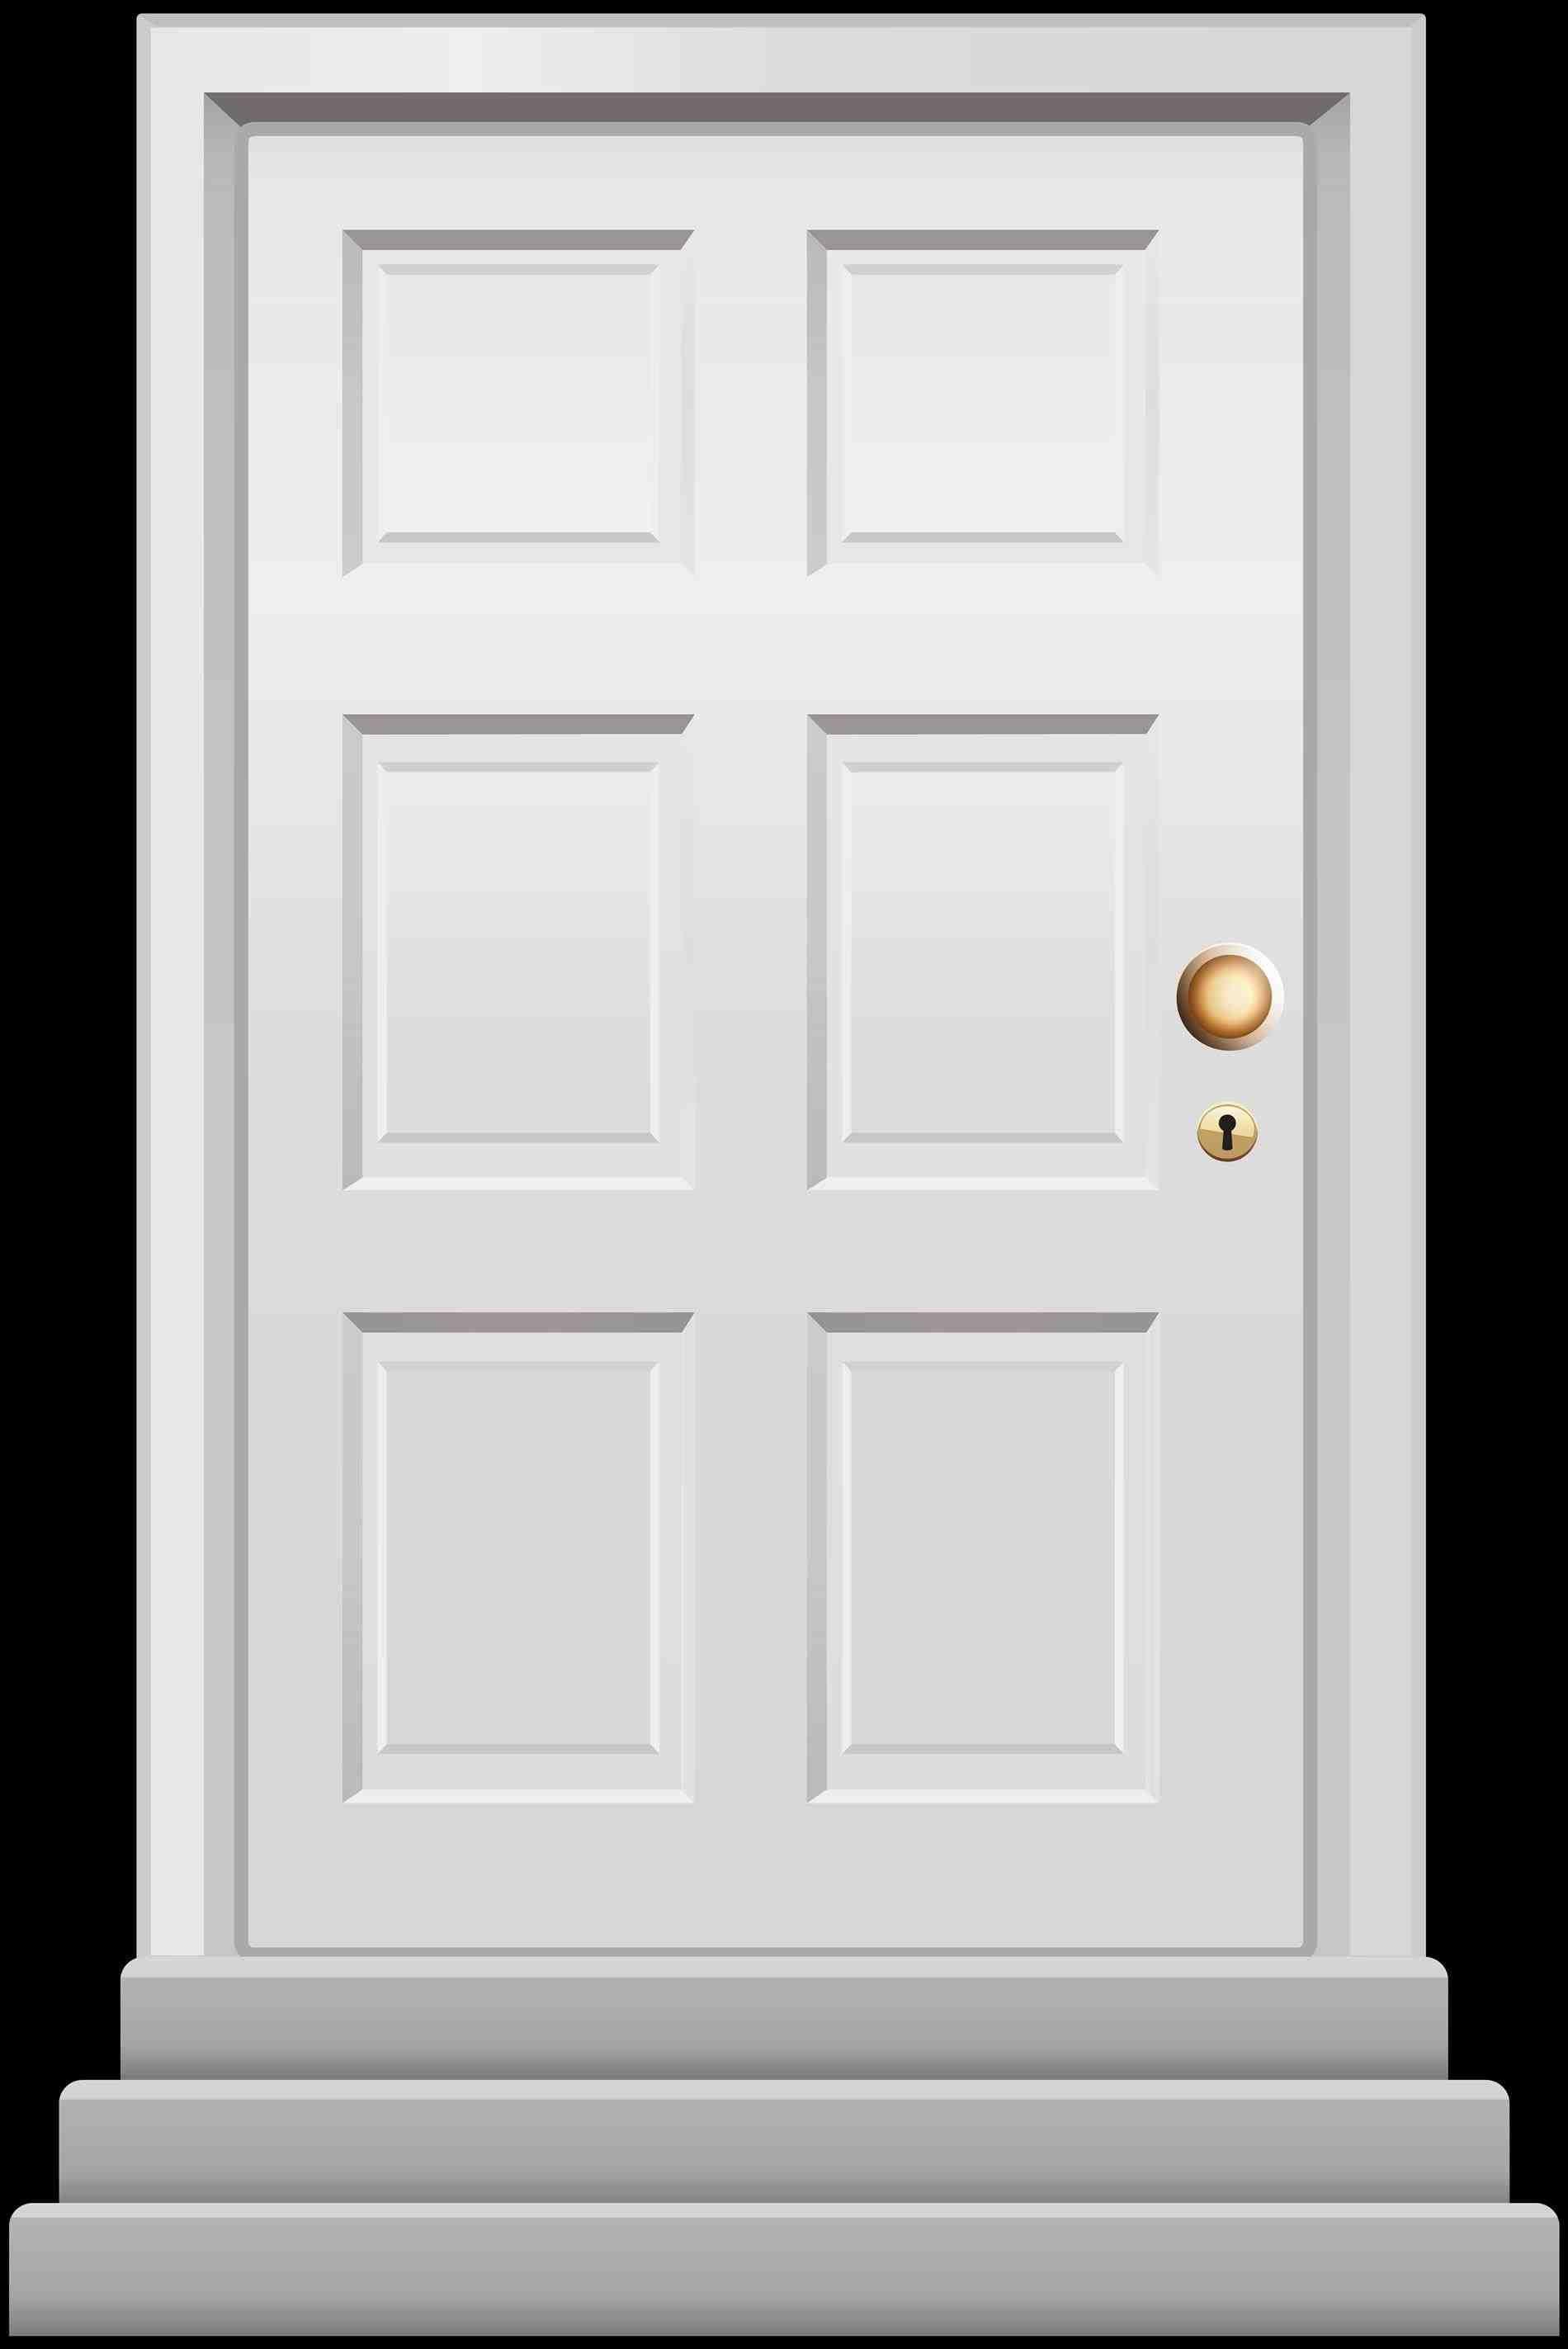 Door clipart home door. House old decaying open